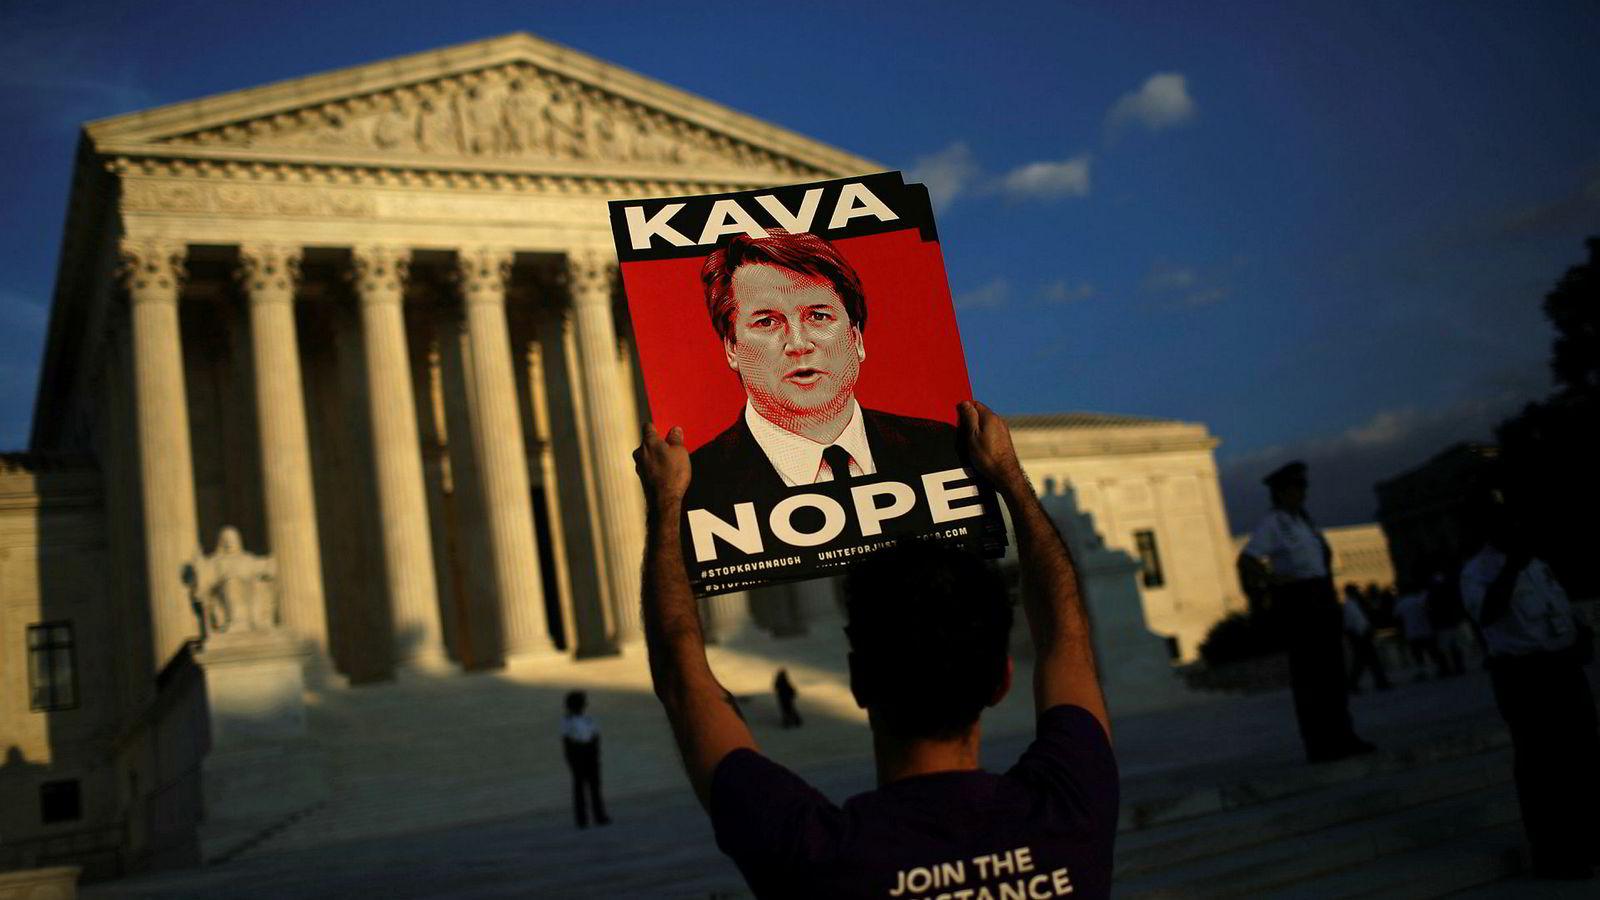 FBI-rapporten om Brett Kavanaugh vil trolig bli overlevert til Senatet i løpet av torsdagen. På bildet demonstrerer en person utenfor høyesterett mot nominasjonen av  Kavanaugh.